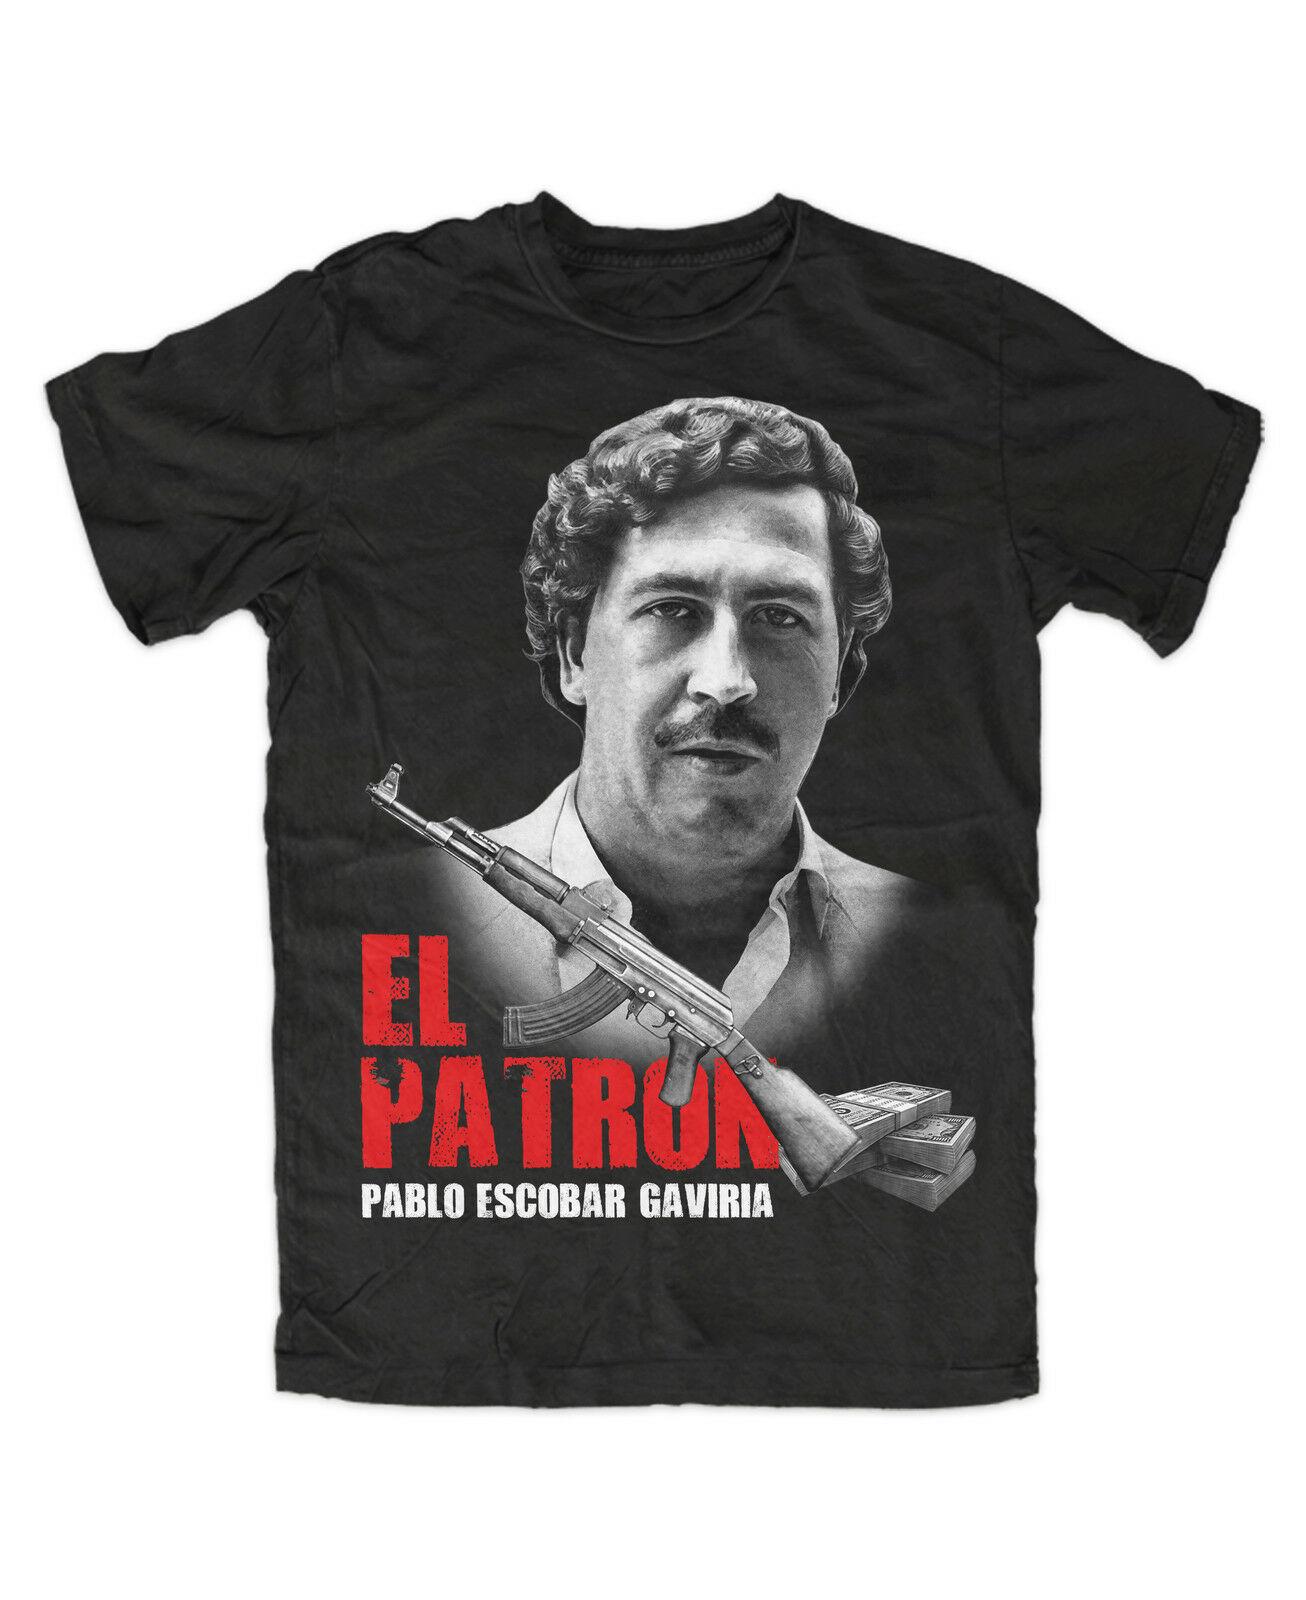 El patrón de Pablo camiseta Kult de droga crimen Cartel de drogas...